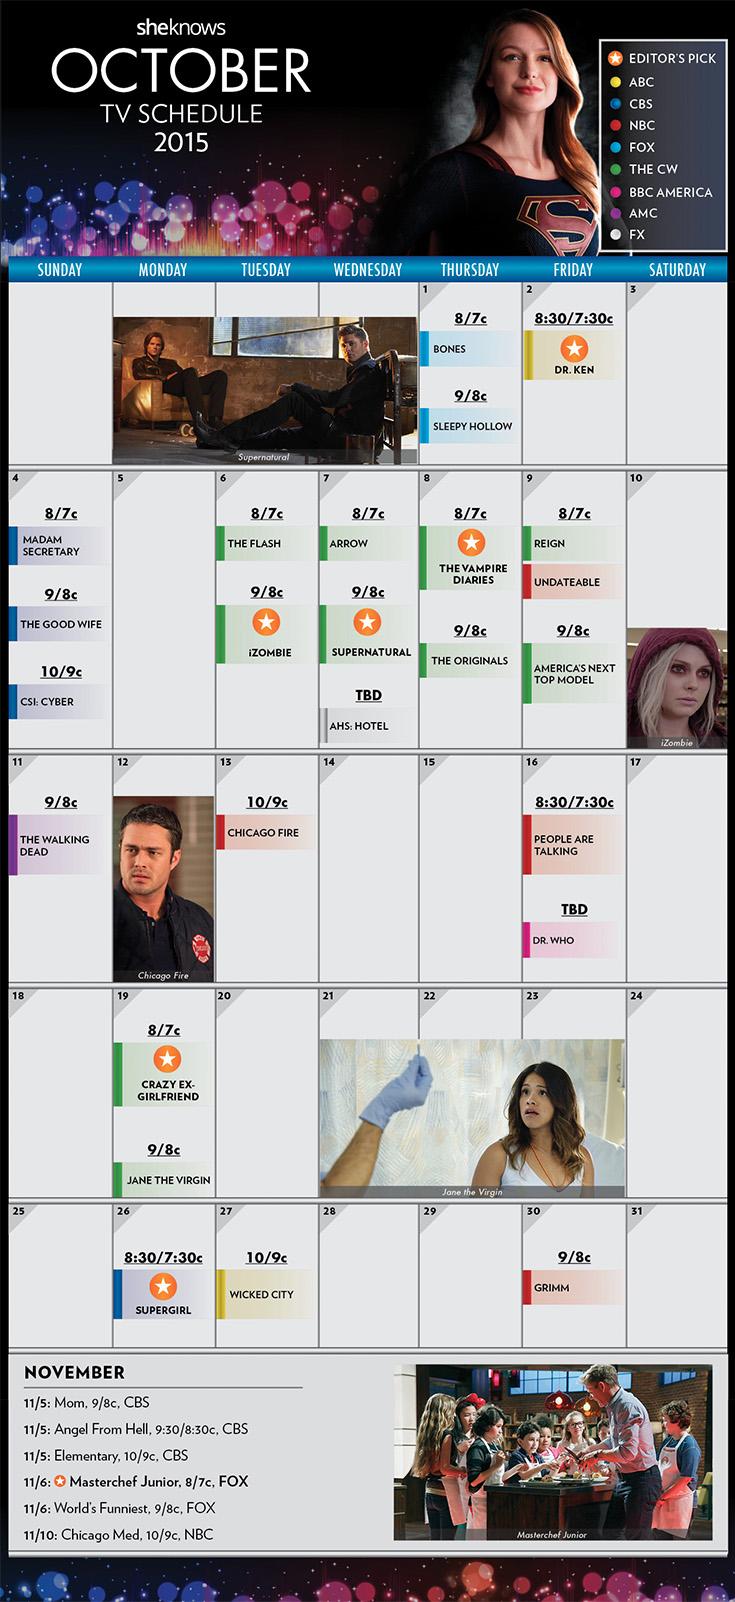 October 2015 TV Schedule